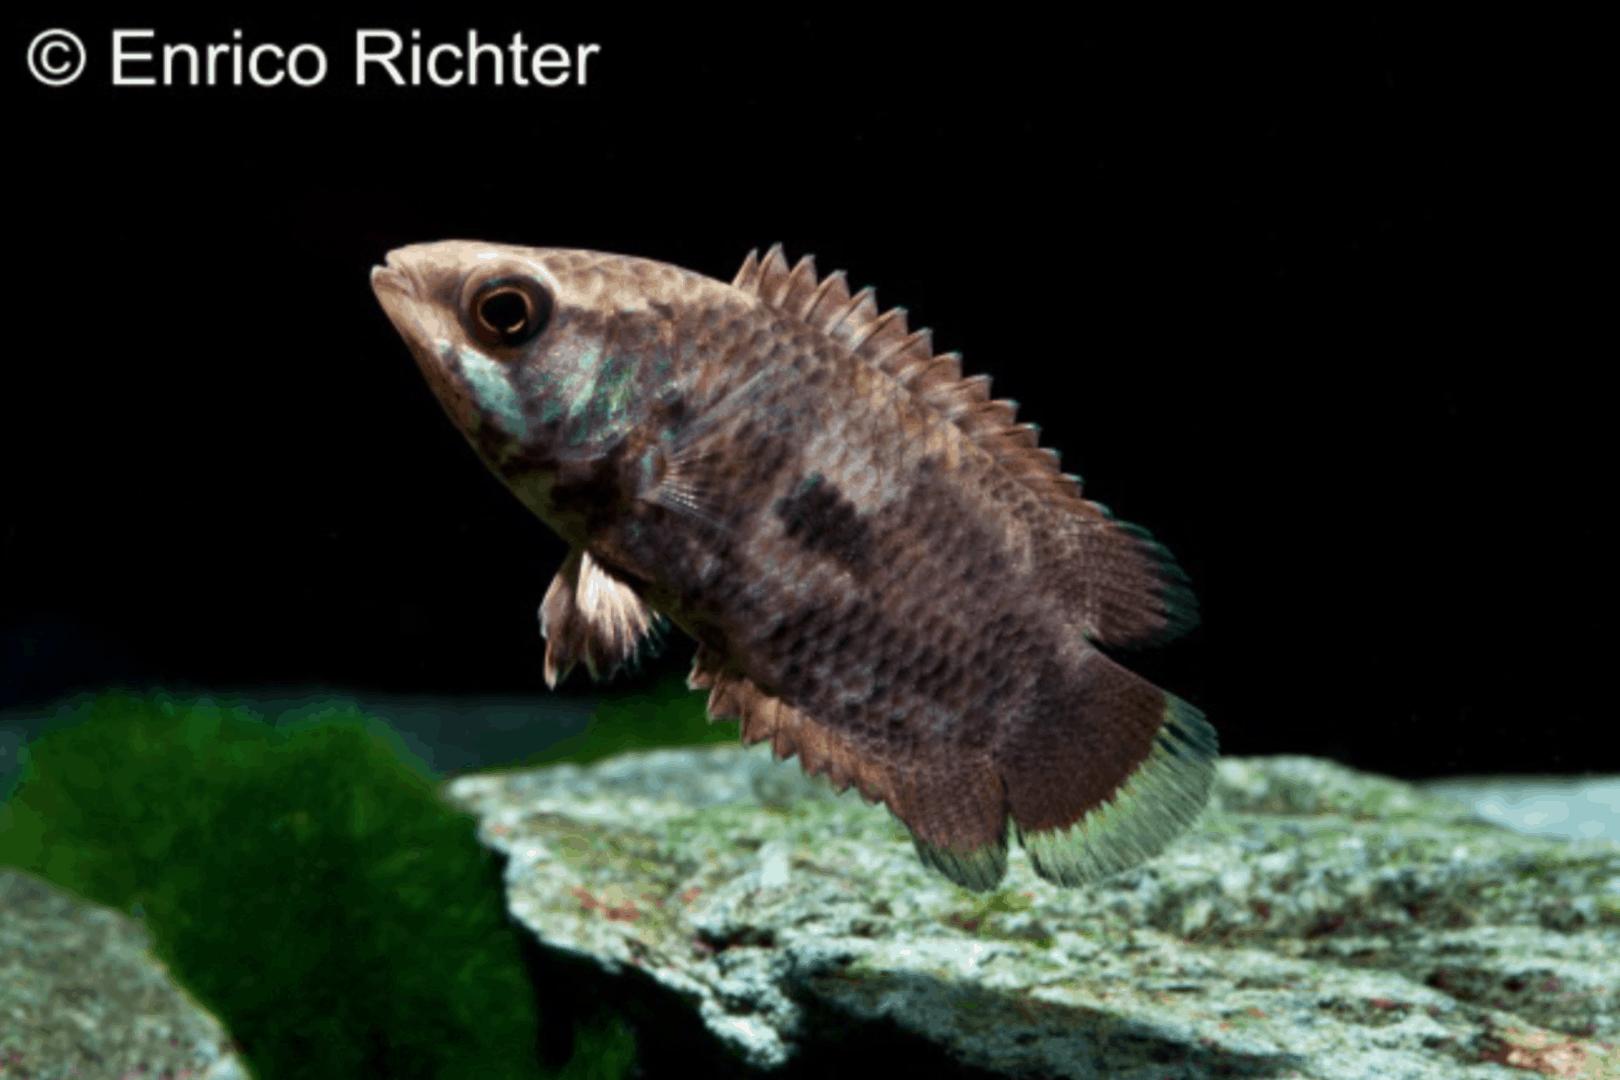 Ctenopoma weeksii - Pfauenaugen-Buschfisch 1